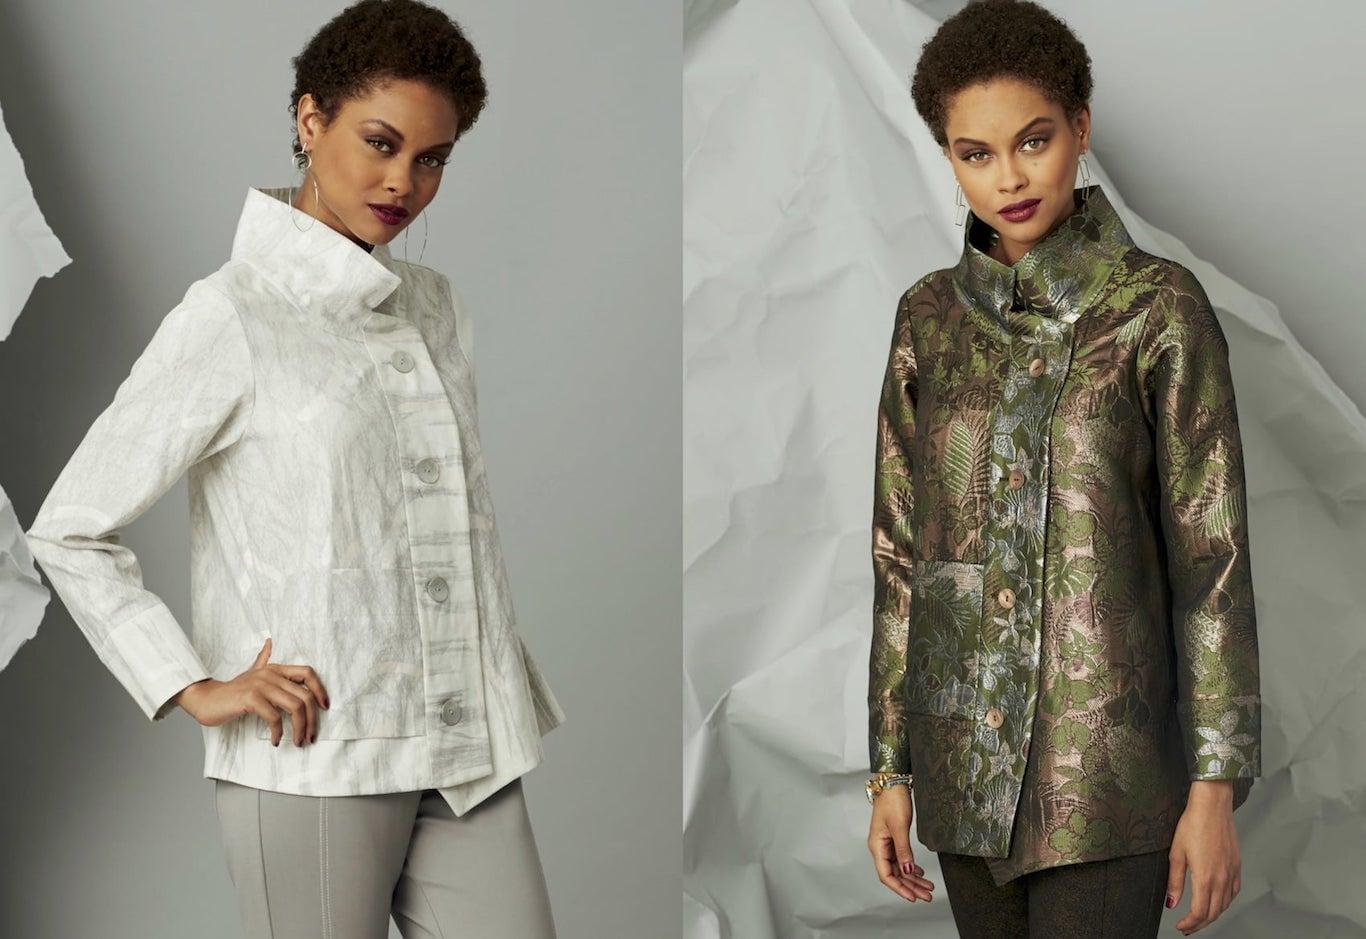 Marcy Tilton shares sewing tips for her Crossover Jacket pattern design V9287 for  Vogue Patterns